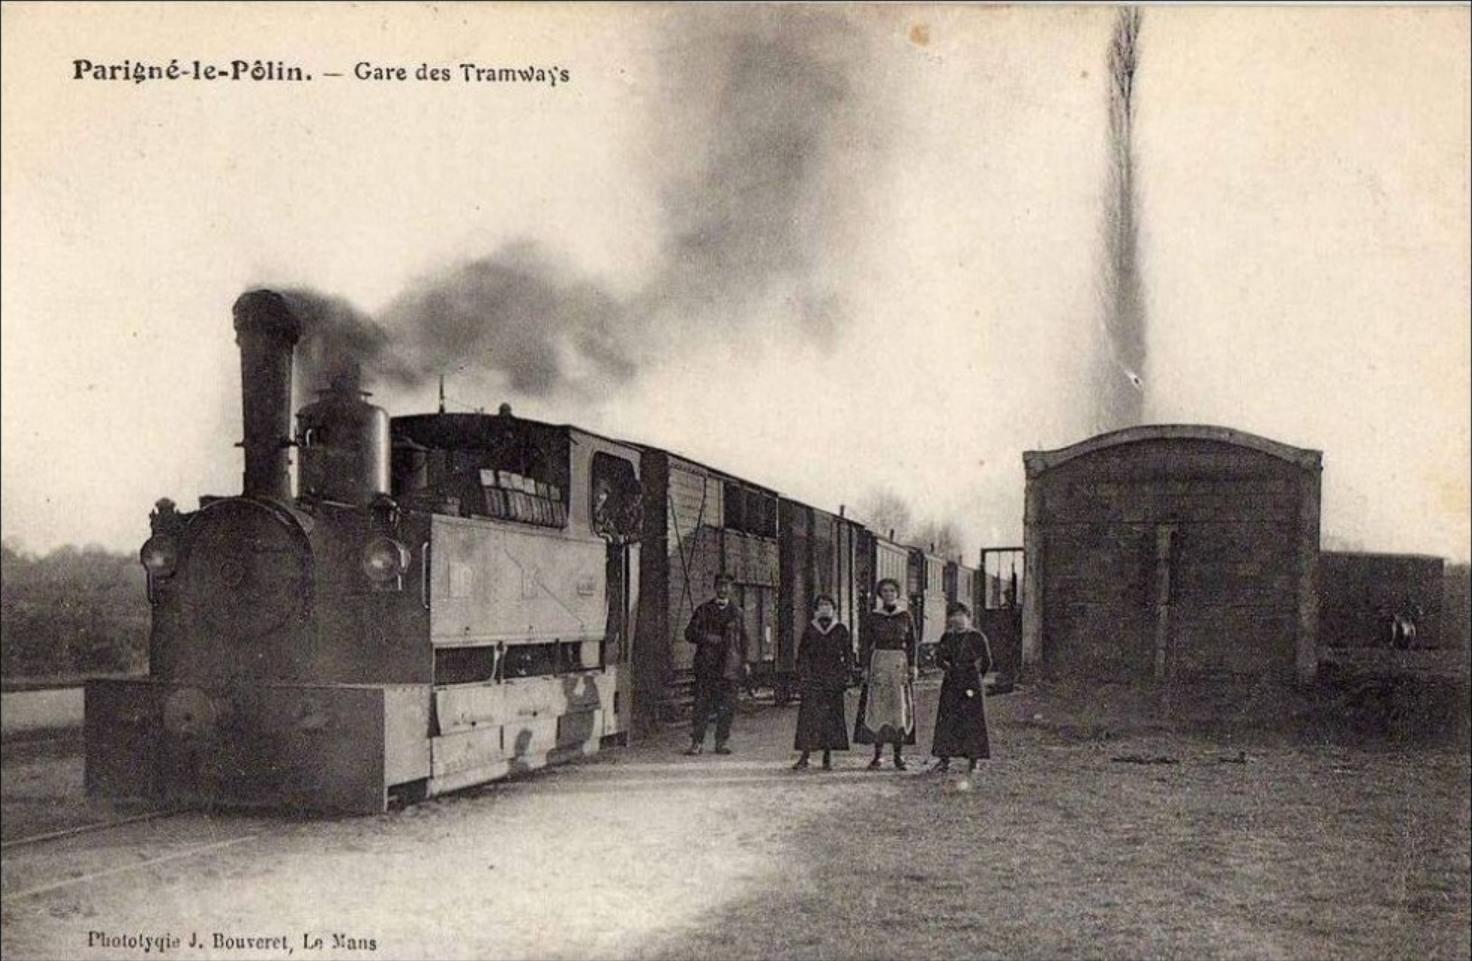 Parigné le Pôlin - Gare des Tramways